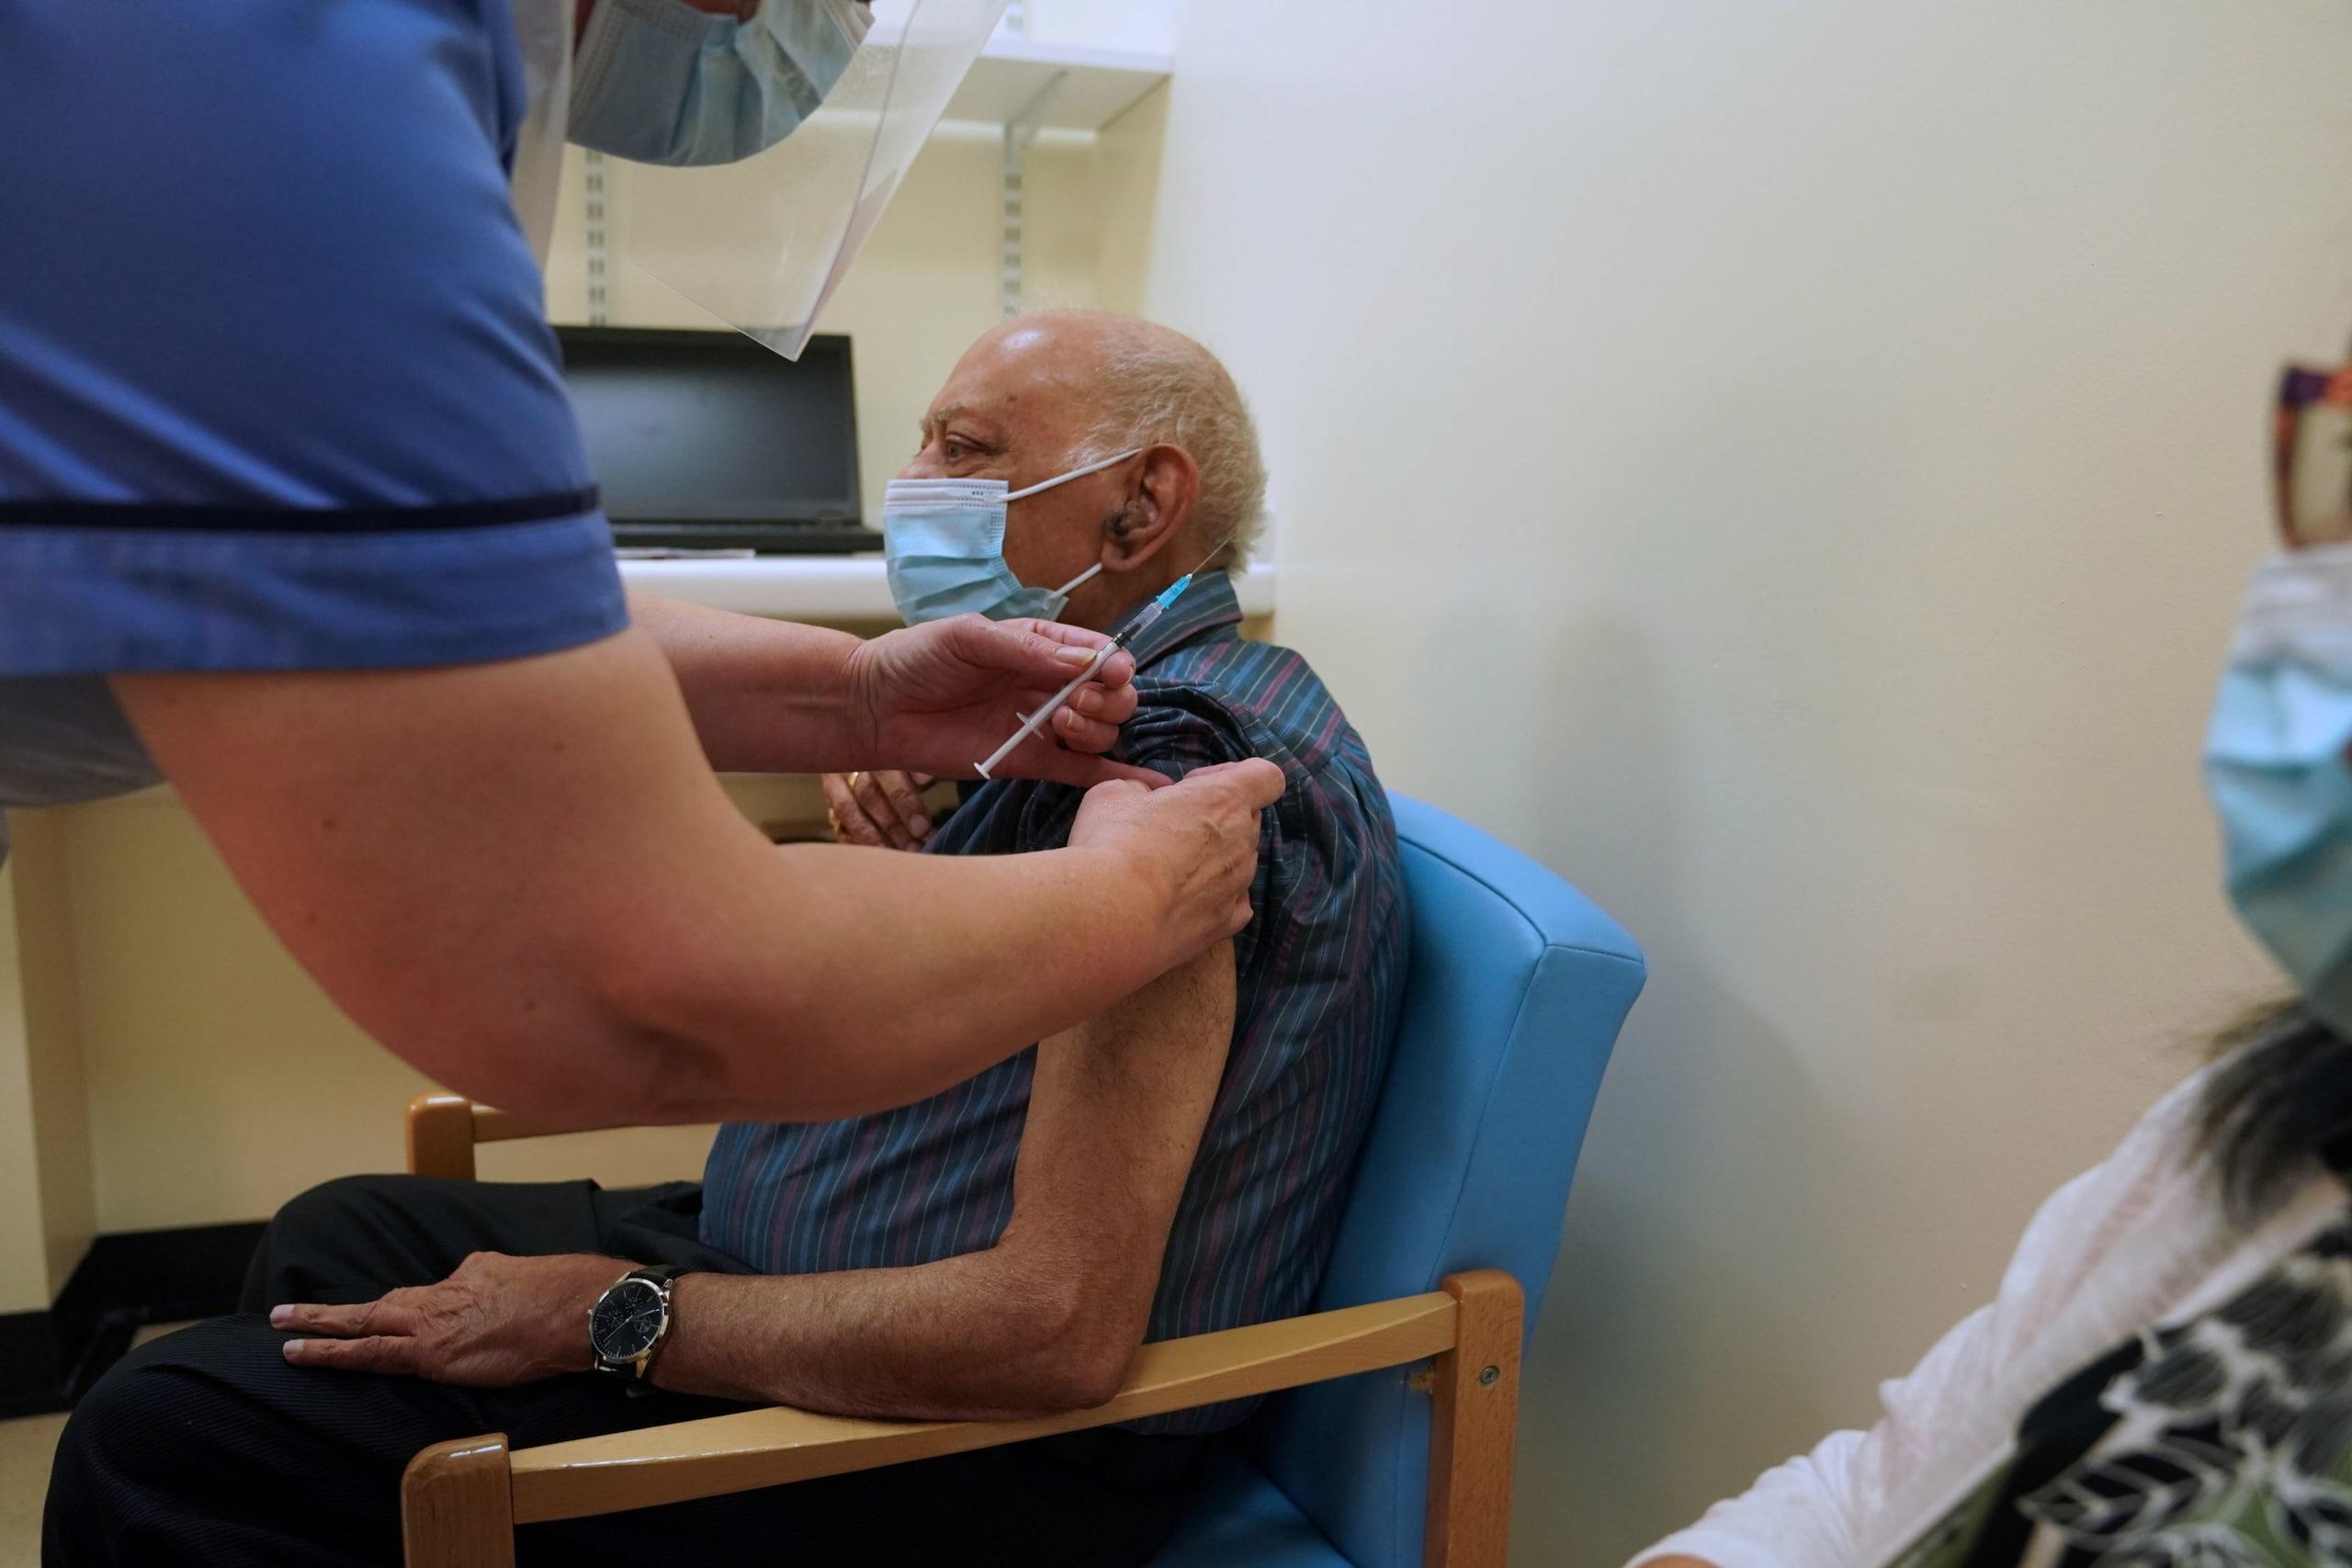 020836833 c4edd385 3731 4823 aed3 a9278a8cd03b - Covid, nel Regno Unito test su un farmaco per immunità immediata